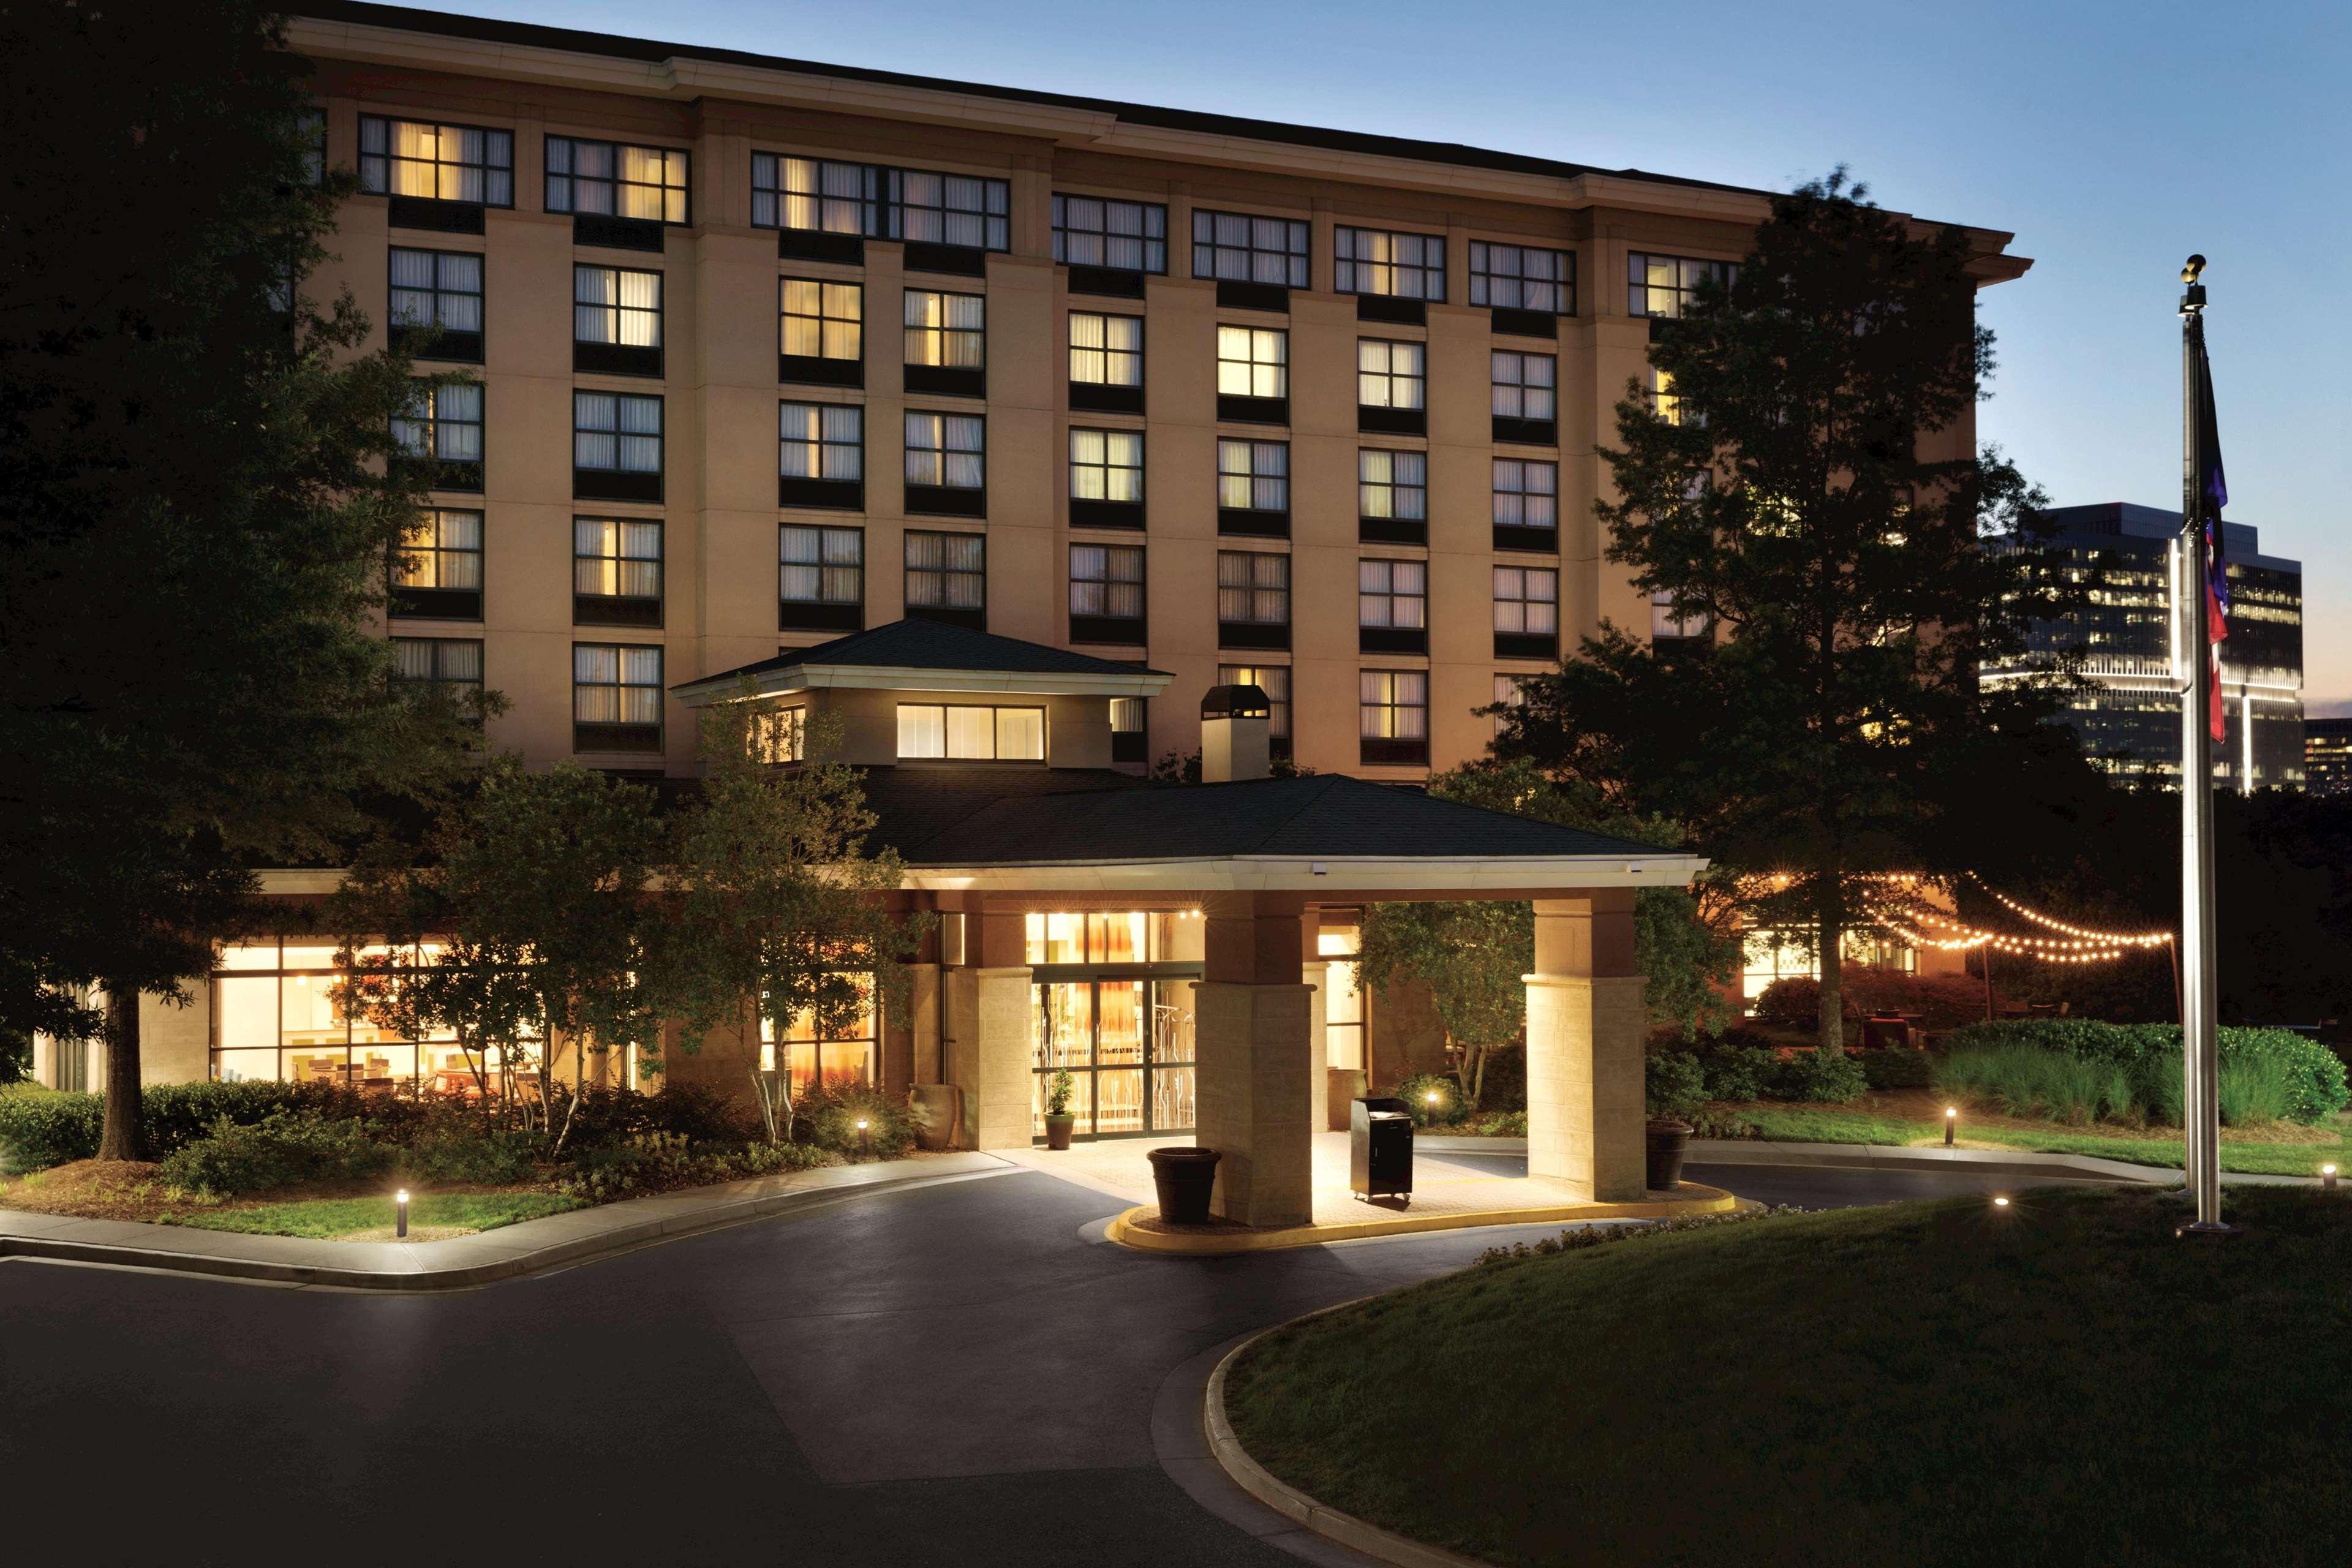 Hilton Garden Inn Atlanta Perimeter Center image 30